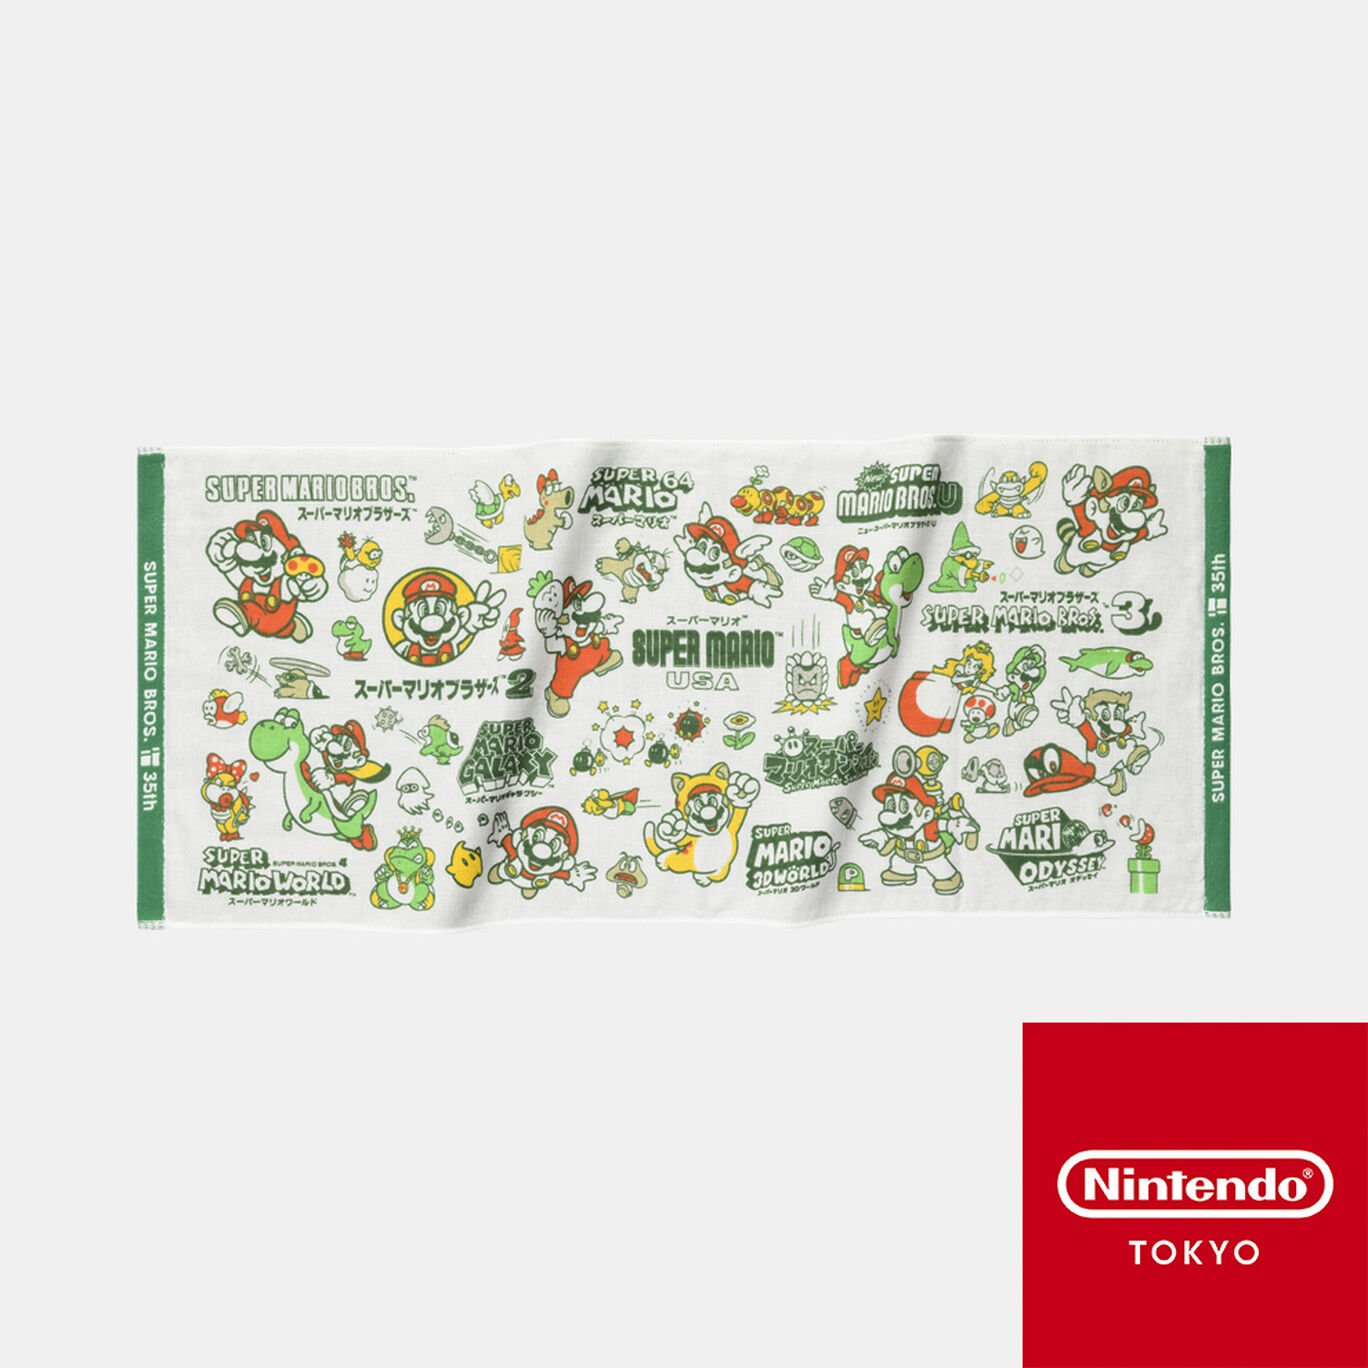 ガーゼタオル SUPER MARIO BROS. 35th【Nintendo TOKYO取り扱い商品】